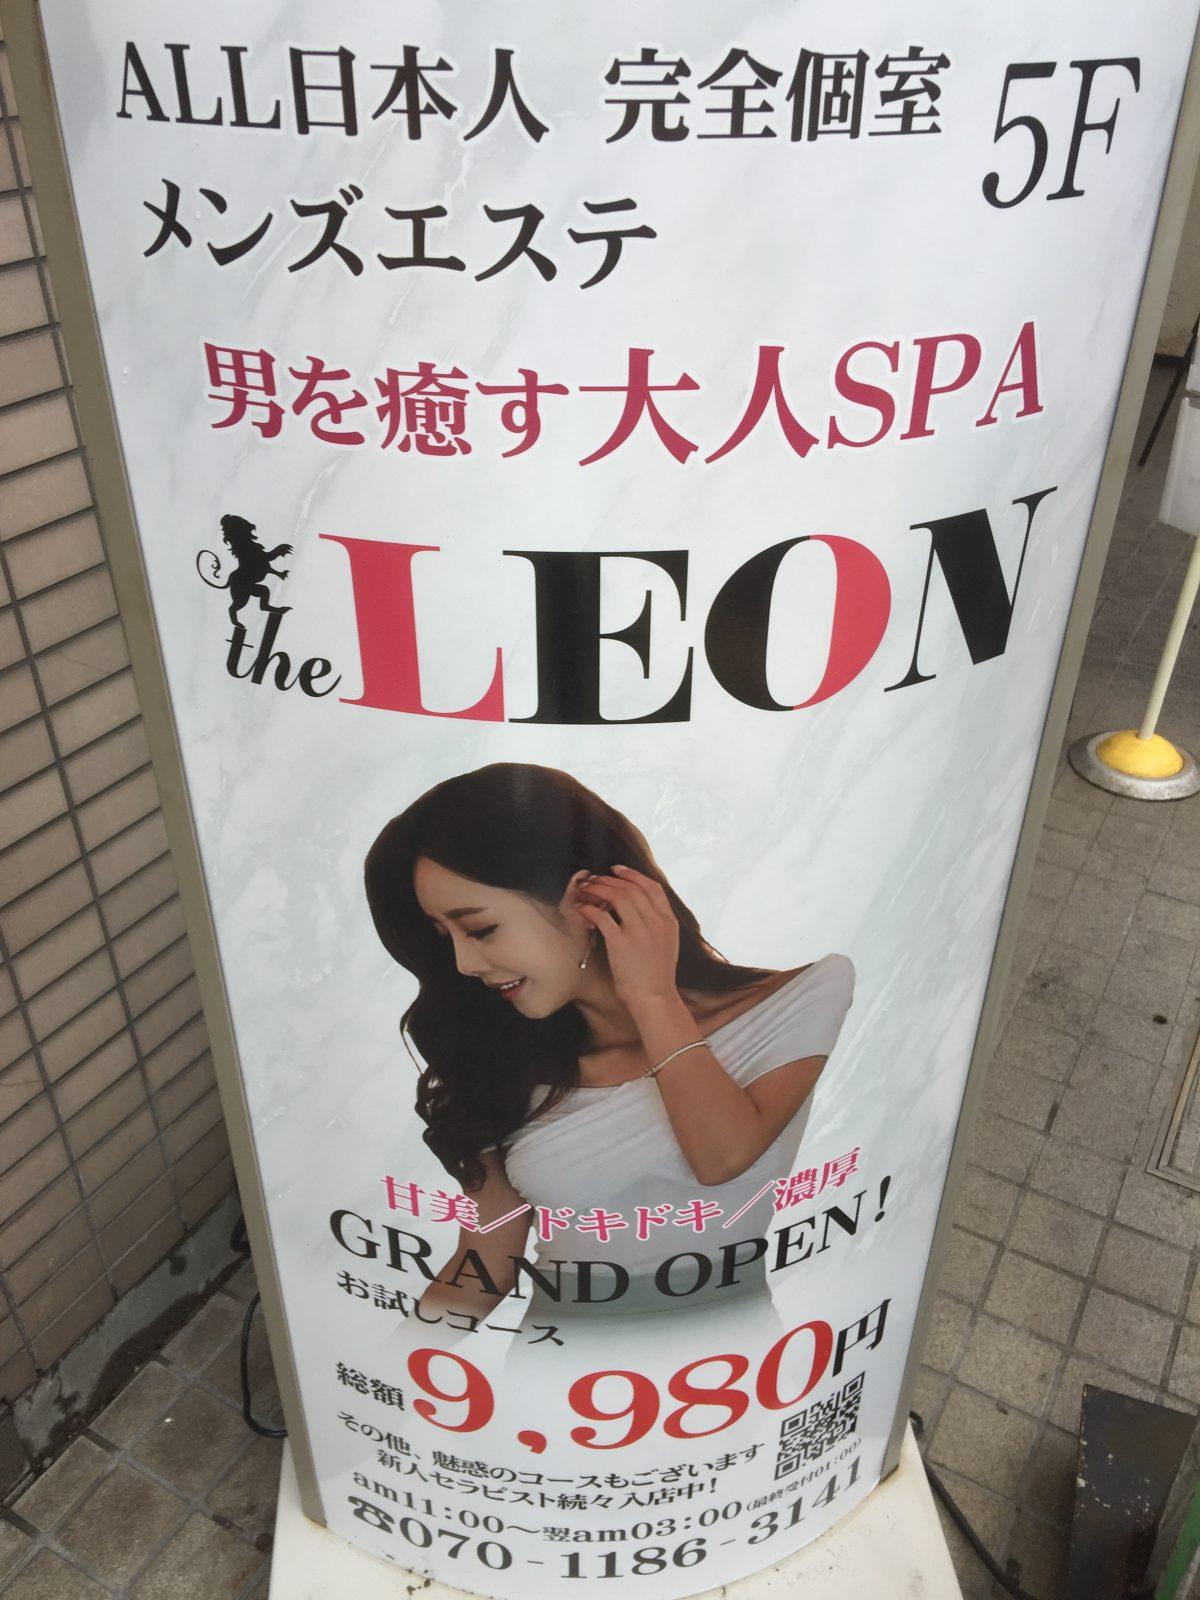 新松戸メンズエステ「男を癒す大人SPA the LEON レオン」の看板